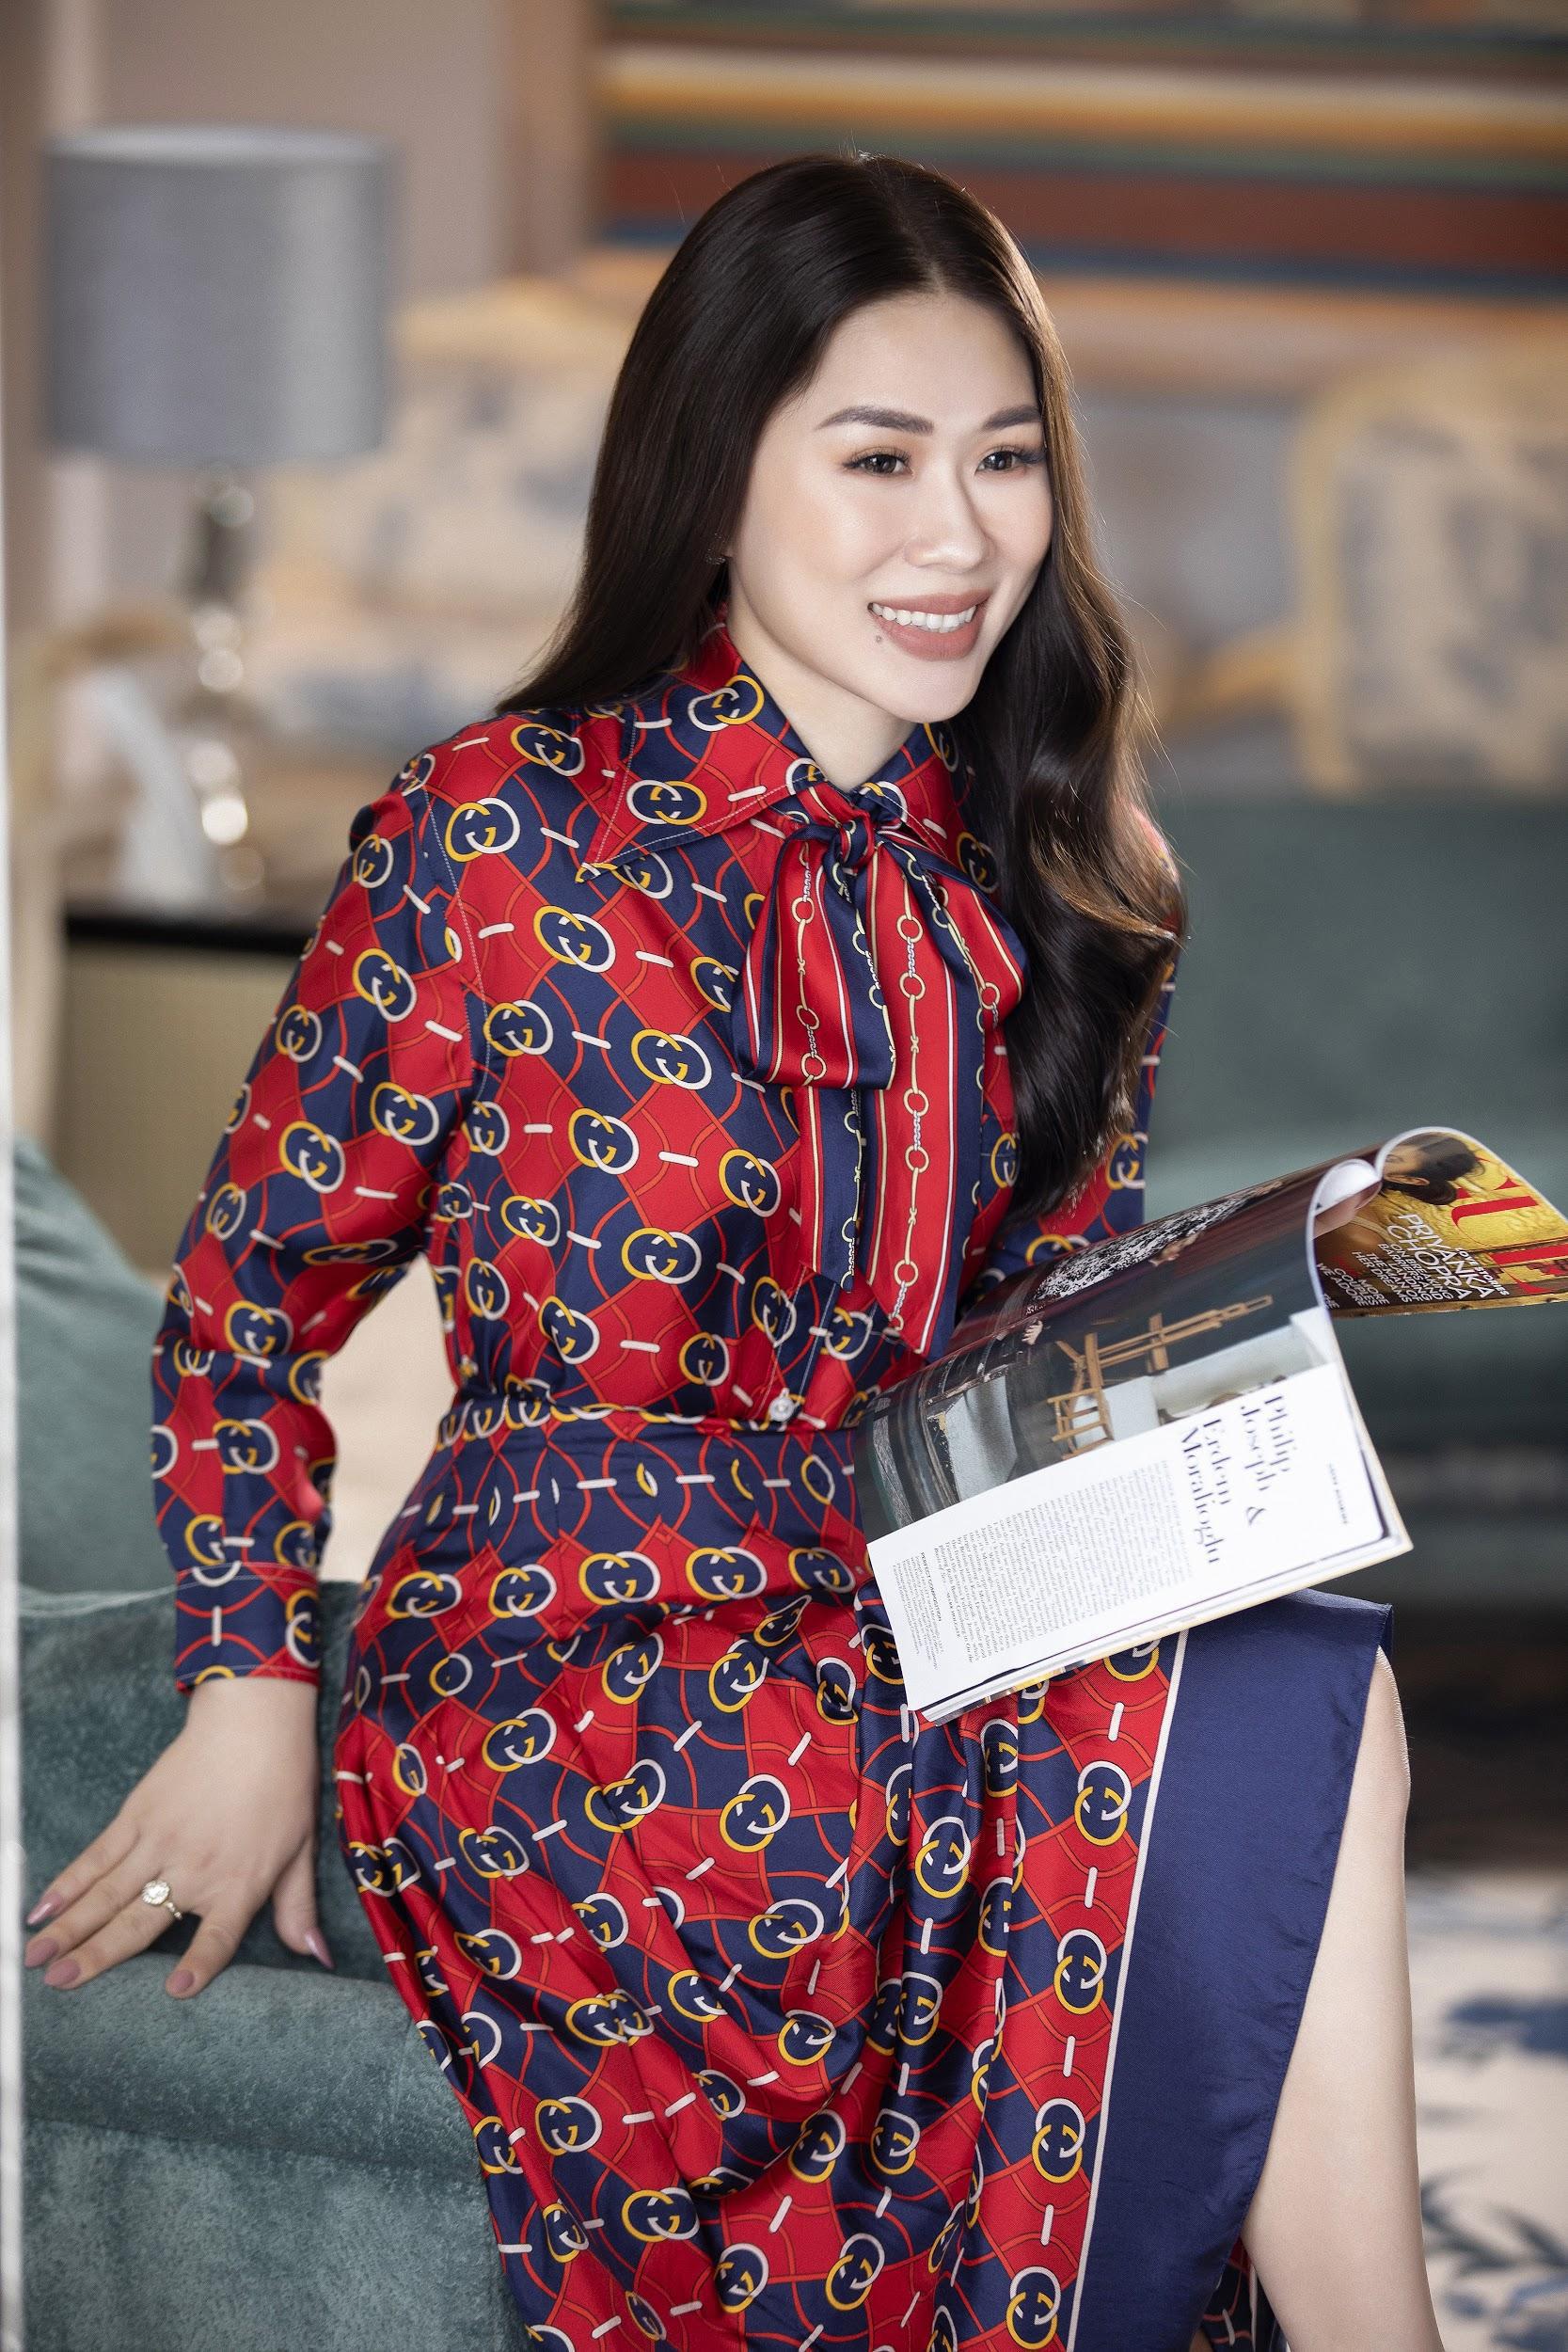 Nữ doanh nhân Lê Thị Loan: Covid-19 vừa là thách thức vừa là cơ hội - Ảnh 2.